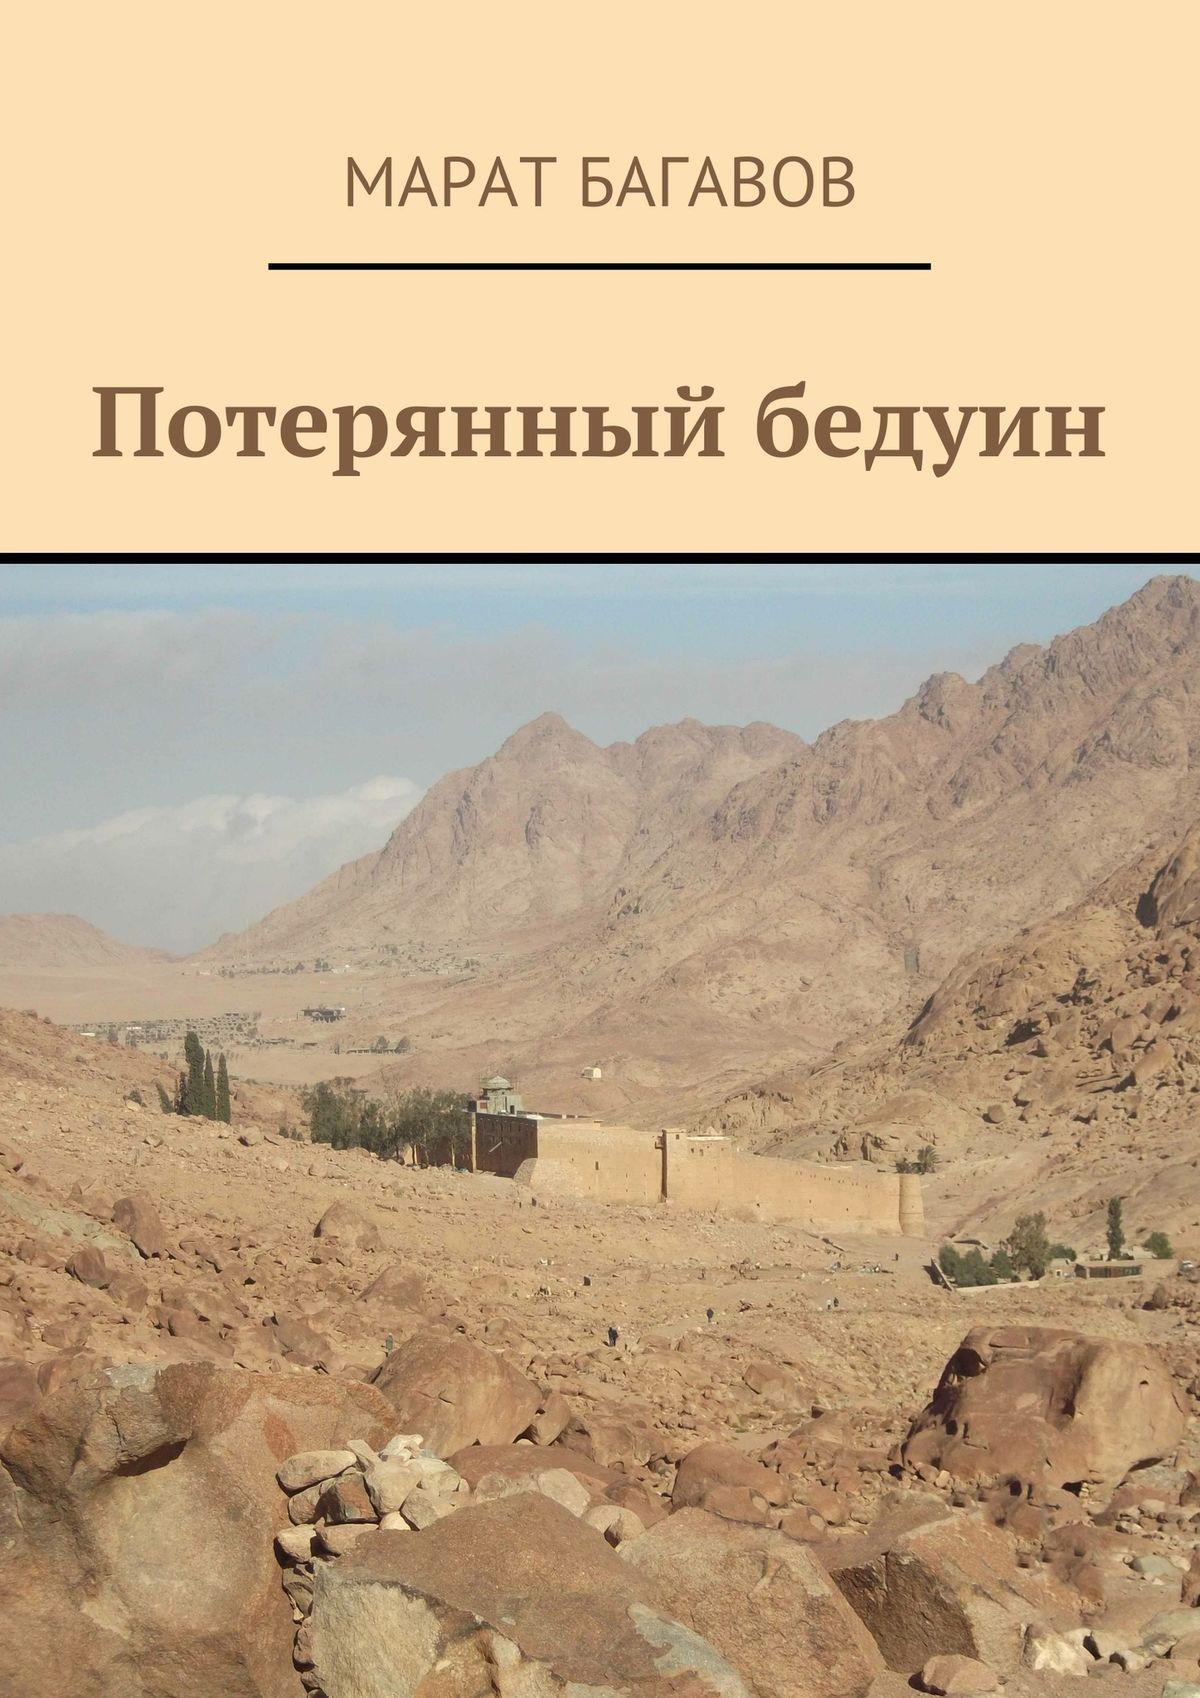 Потерянный бедуин